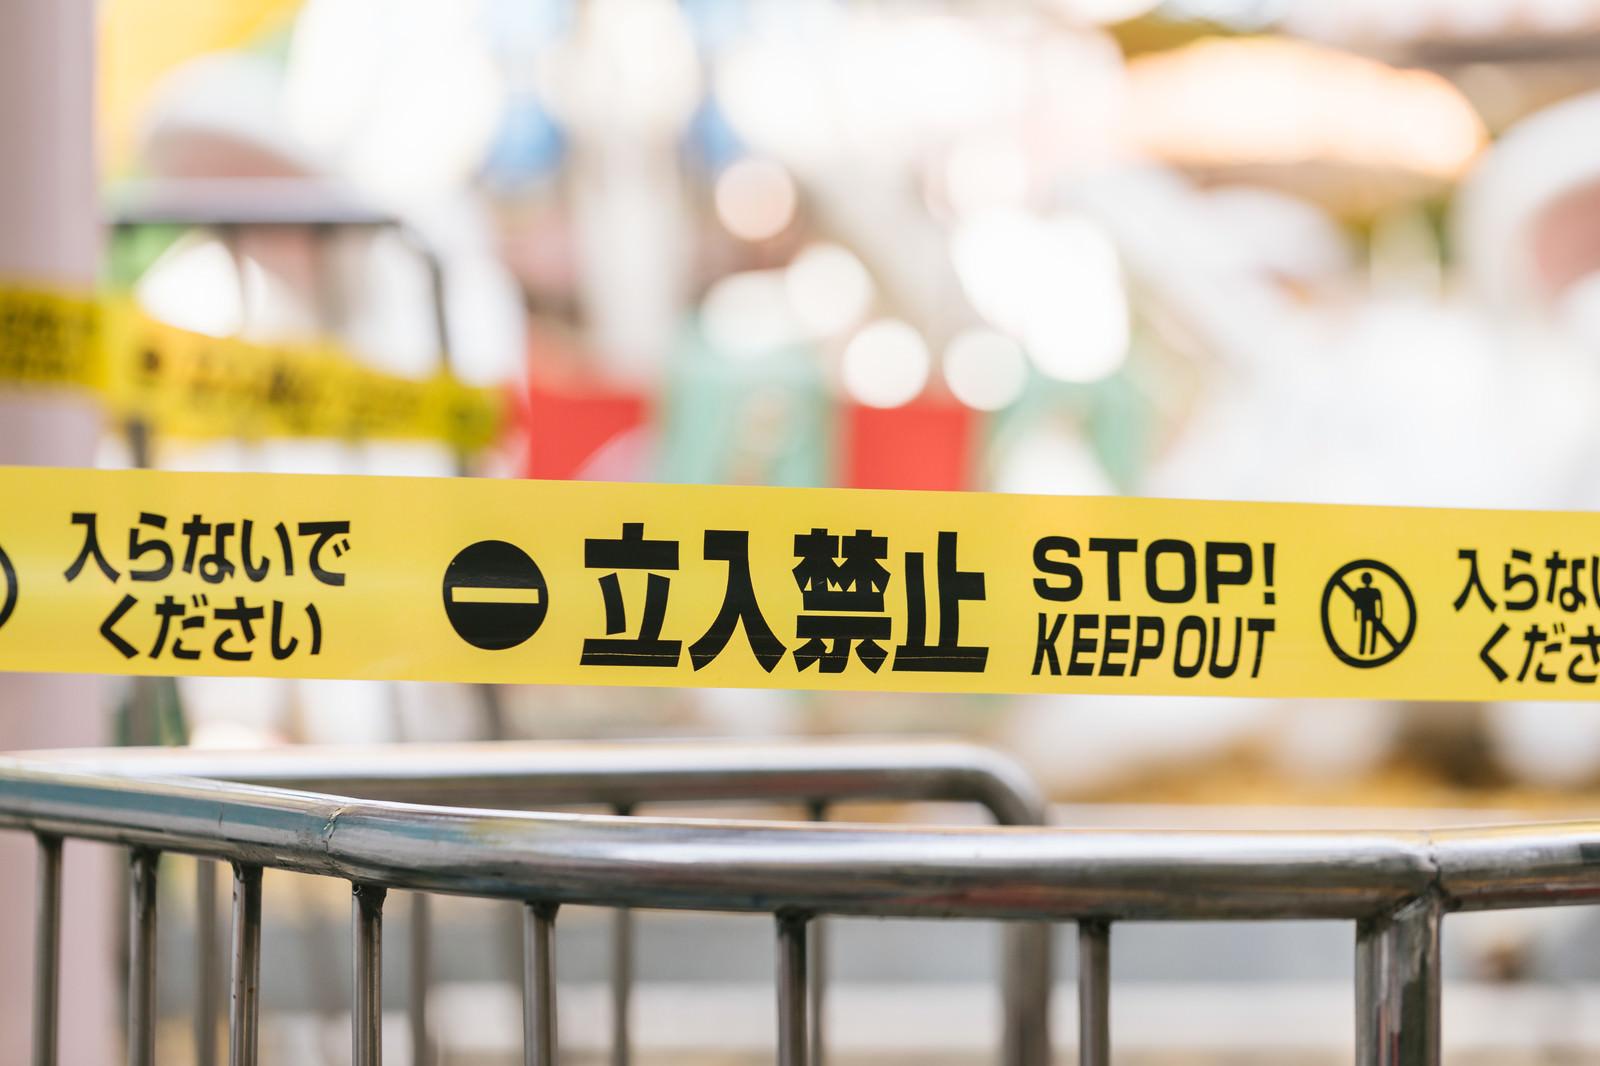 「立入禁止-STOP!KEEP OUT」の写真